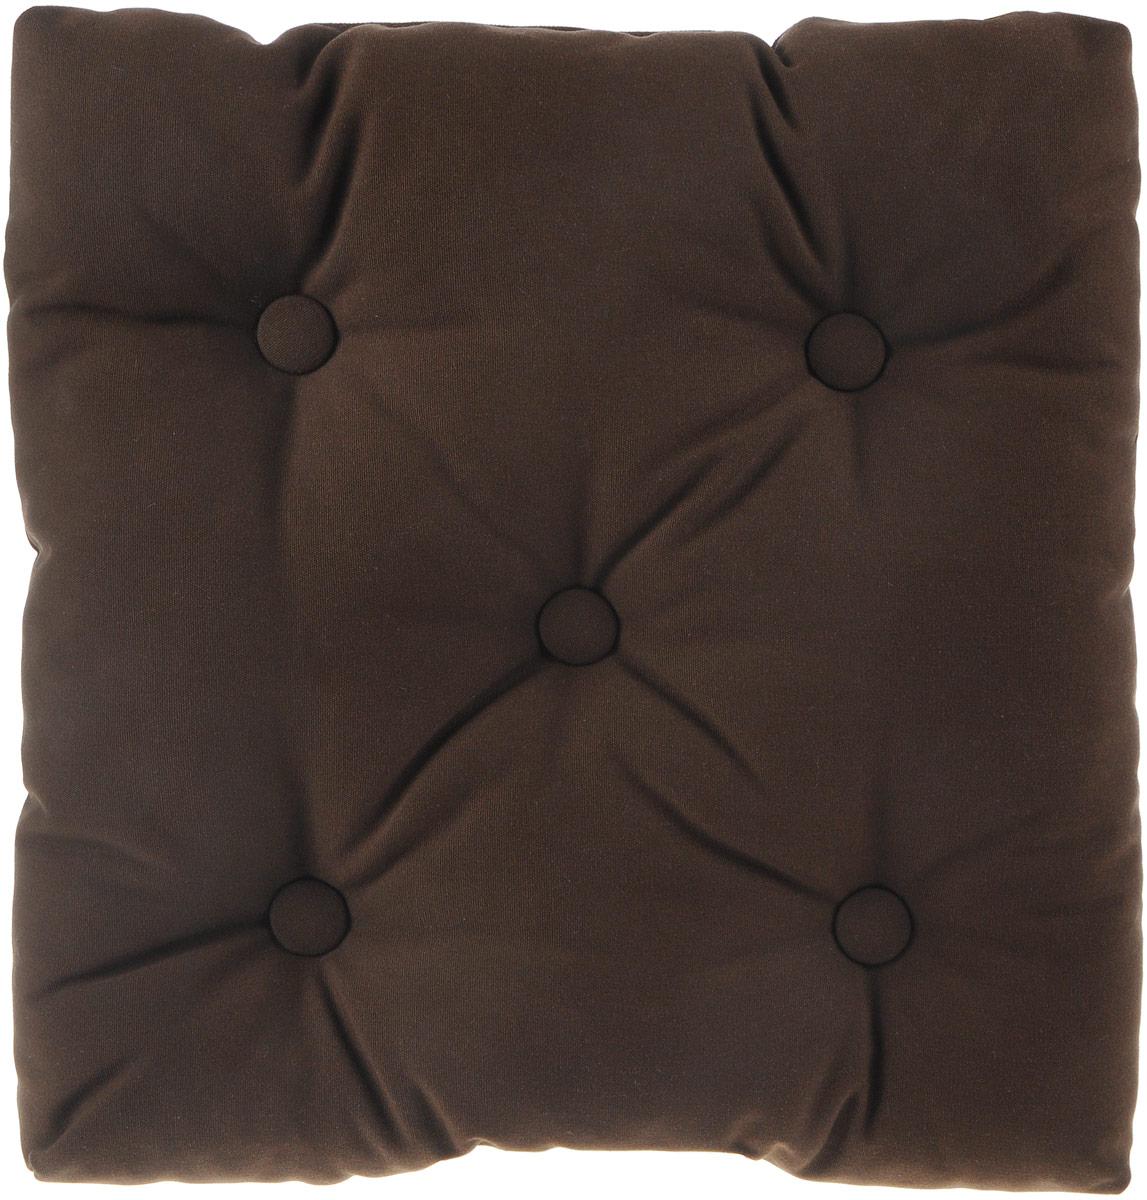 Подушка на стул KauffOrt Сад, цвет: коричневый, 40 x 40 см3121194140Подушка на стул KauffOrt Сад не только красиво дополнит интерьер кухни, но и обеспечит комфорт при сидении. Изделие выполнено из материалов высокого качества. Подушка легко крепится на стул с помощью завязок. Правильно сидеть - значит сохранить здоровье на долгие годы. Жесткие сидения подвергают наше здоровье опасности. Подушка с мягким наполнителем поможет предотвратить большинство нежелательных последствий сидячего образа жизни. Толщина подушки: 10 см.